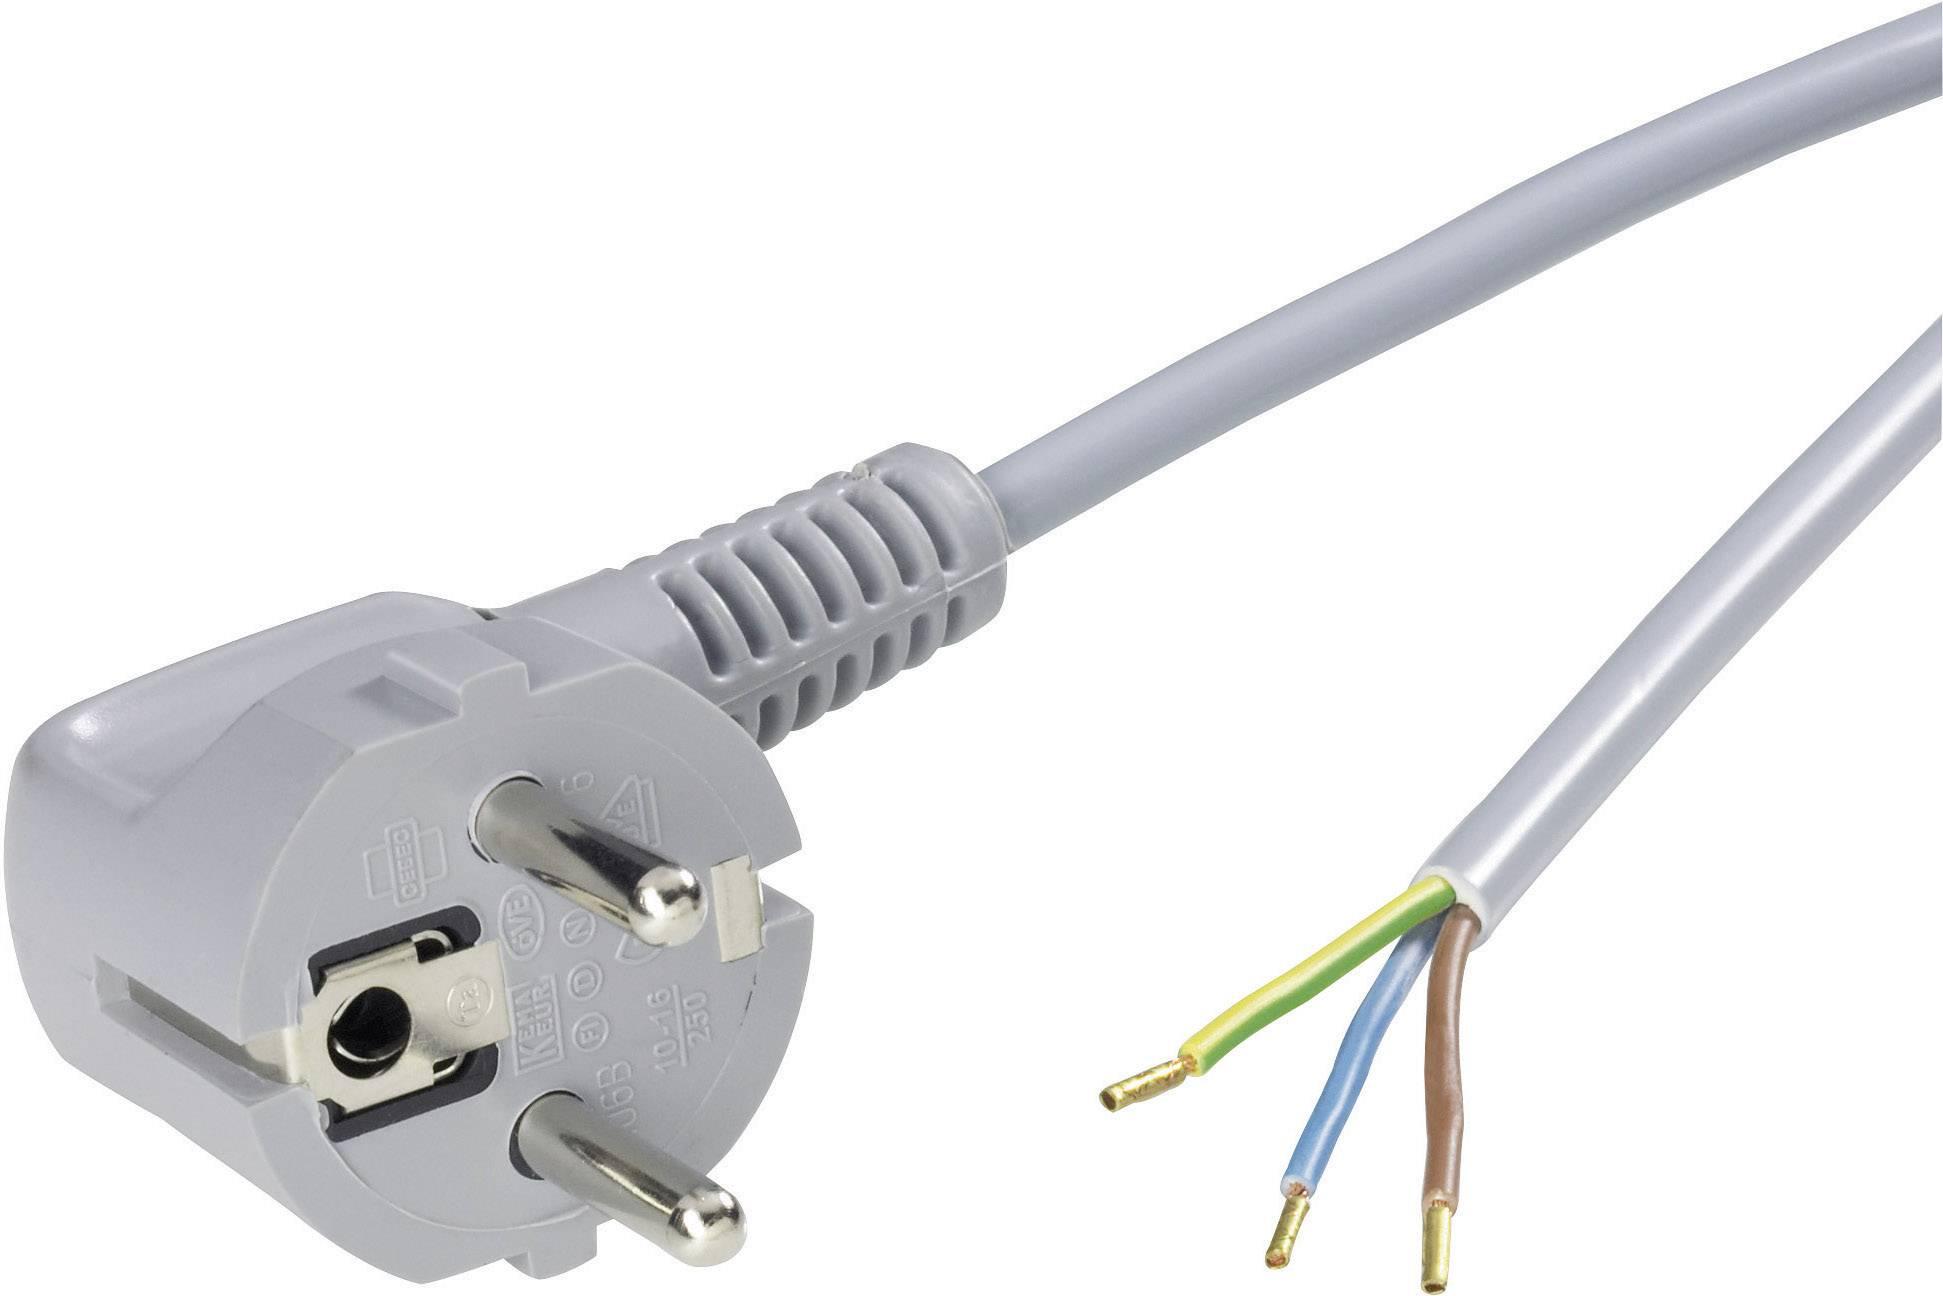 šňůry pro připojení kabelů